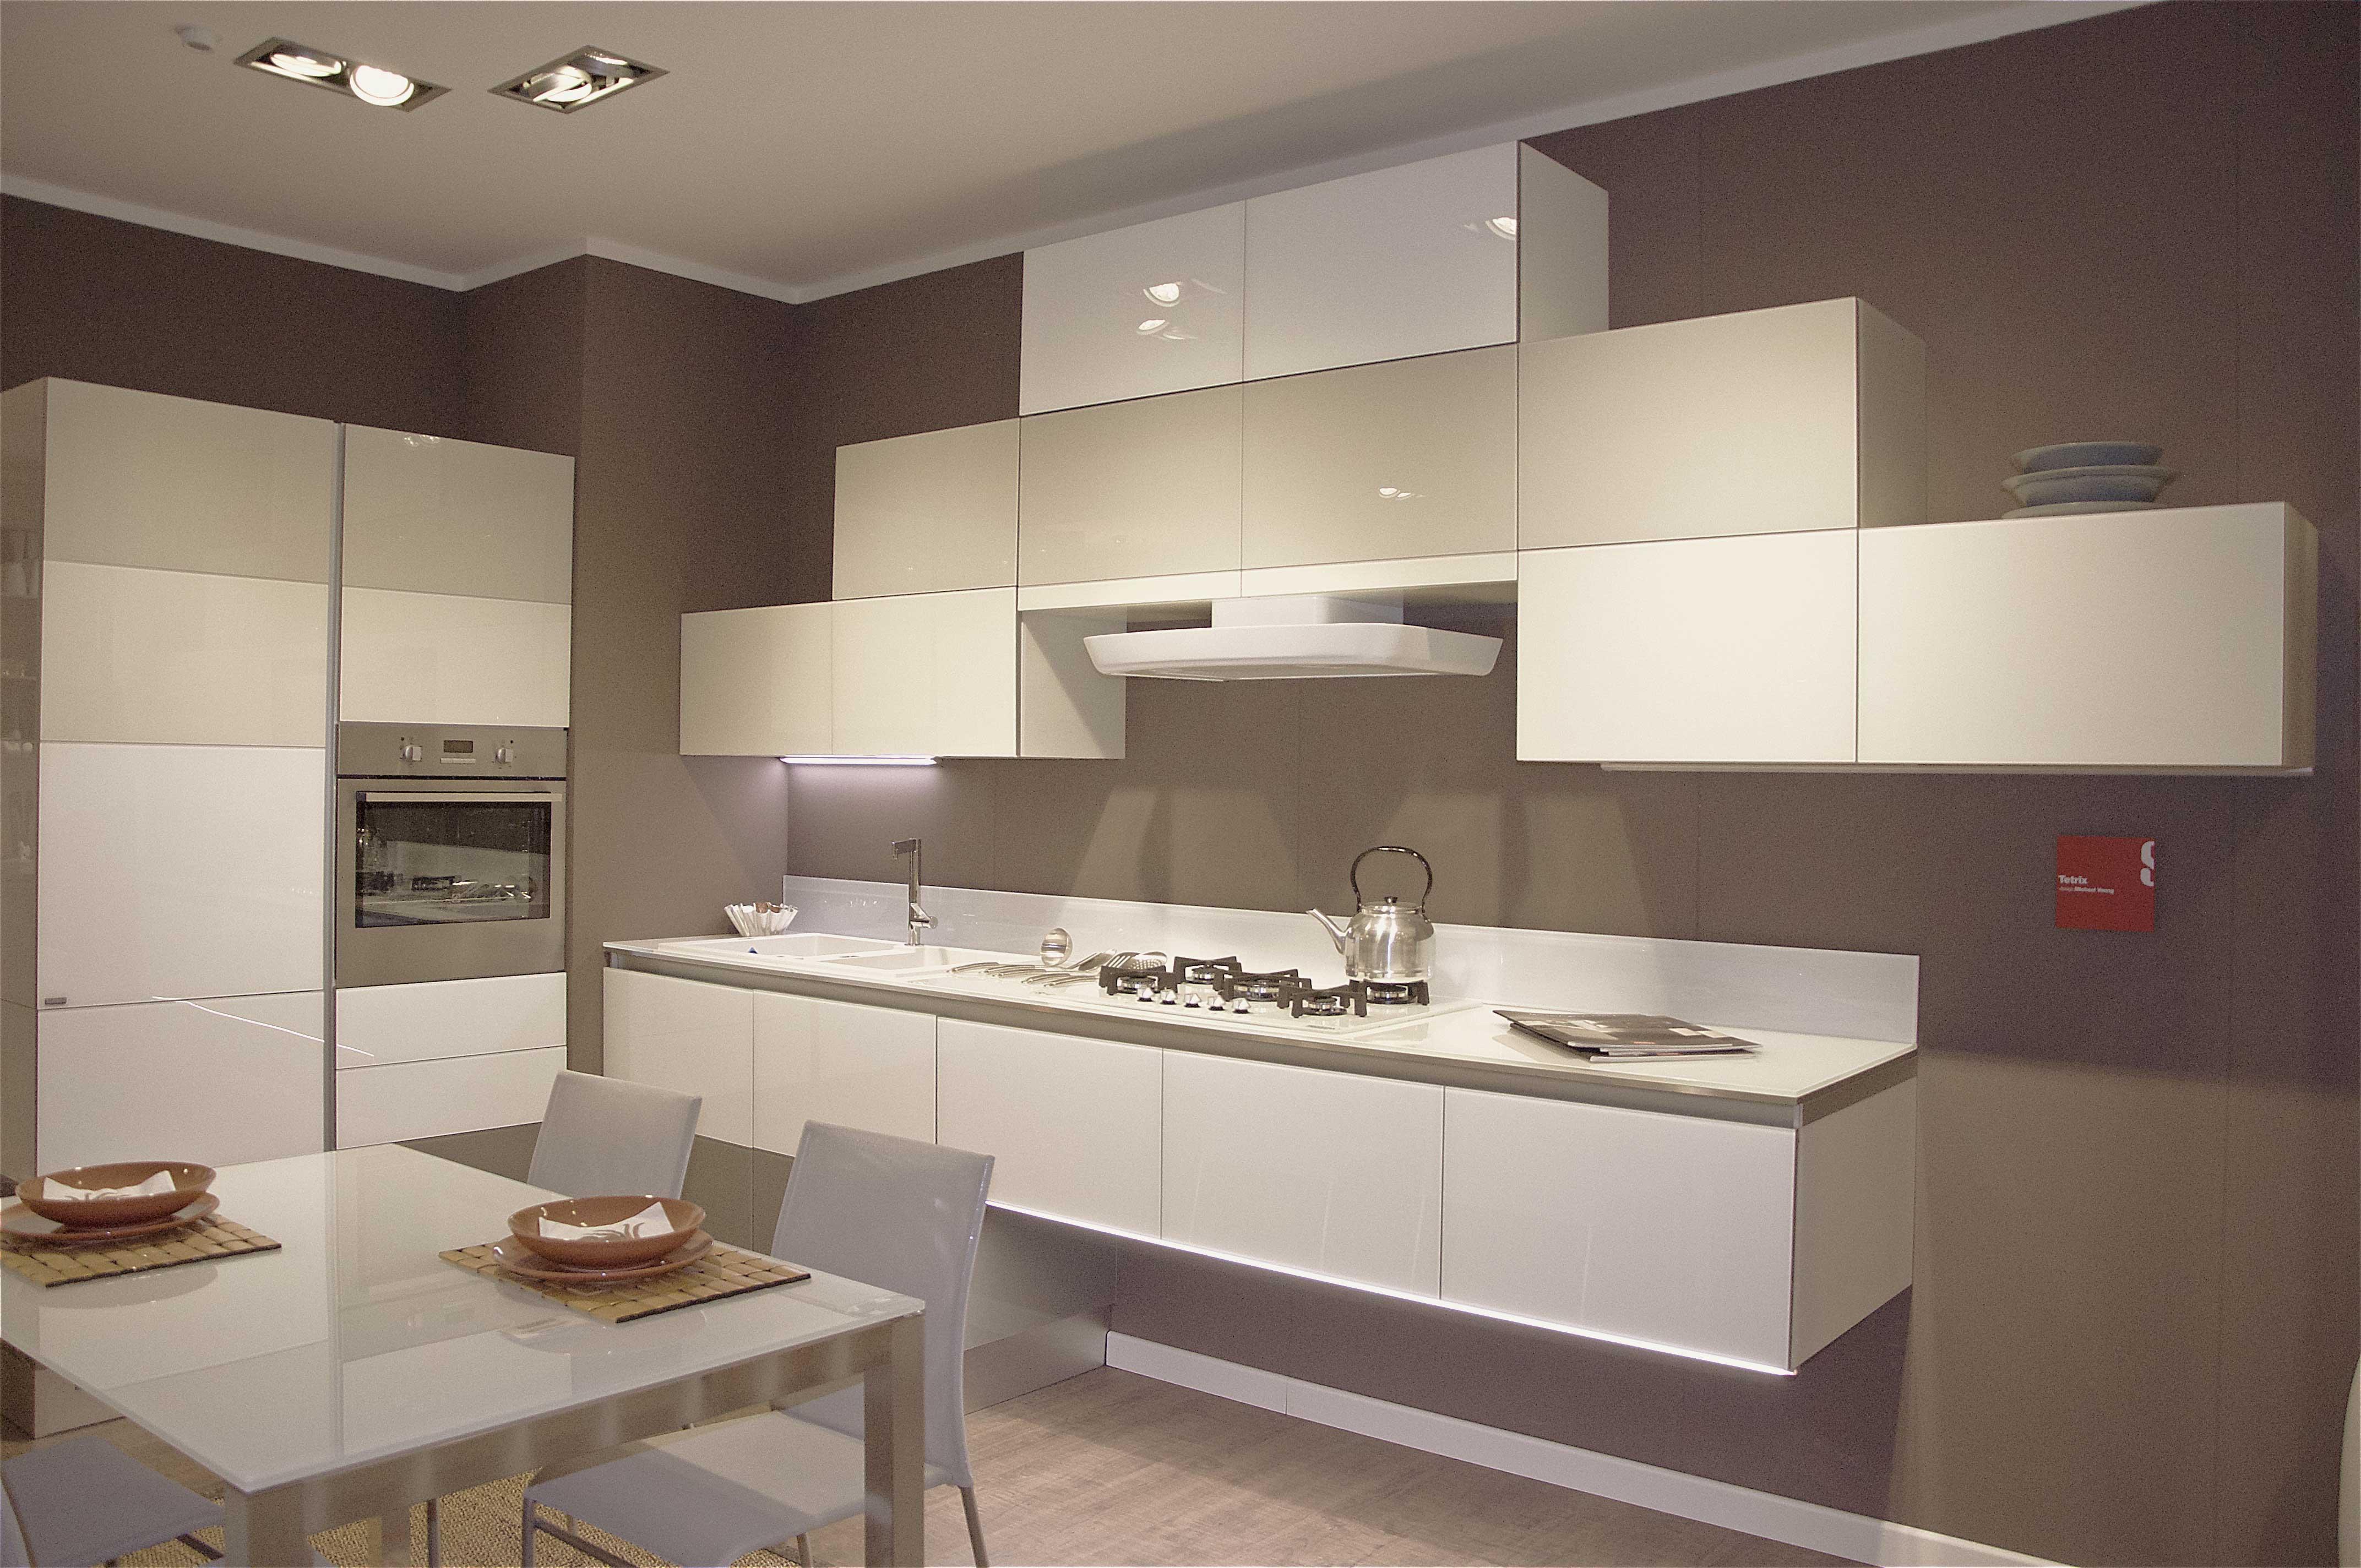 Cucine scavolini prezzi 2017 casamia idea di immagine for Marini arredamenti